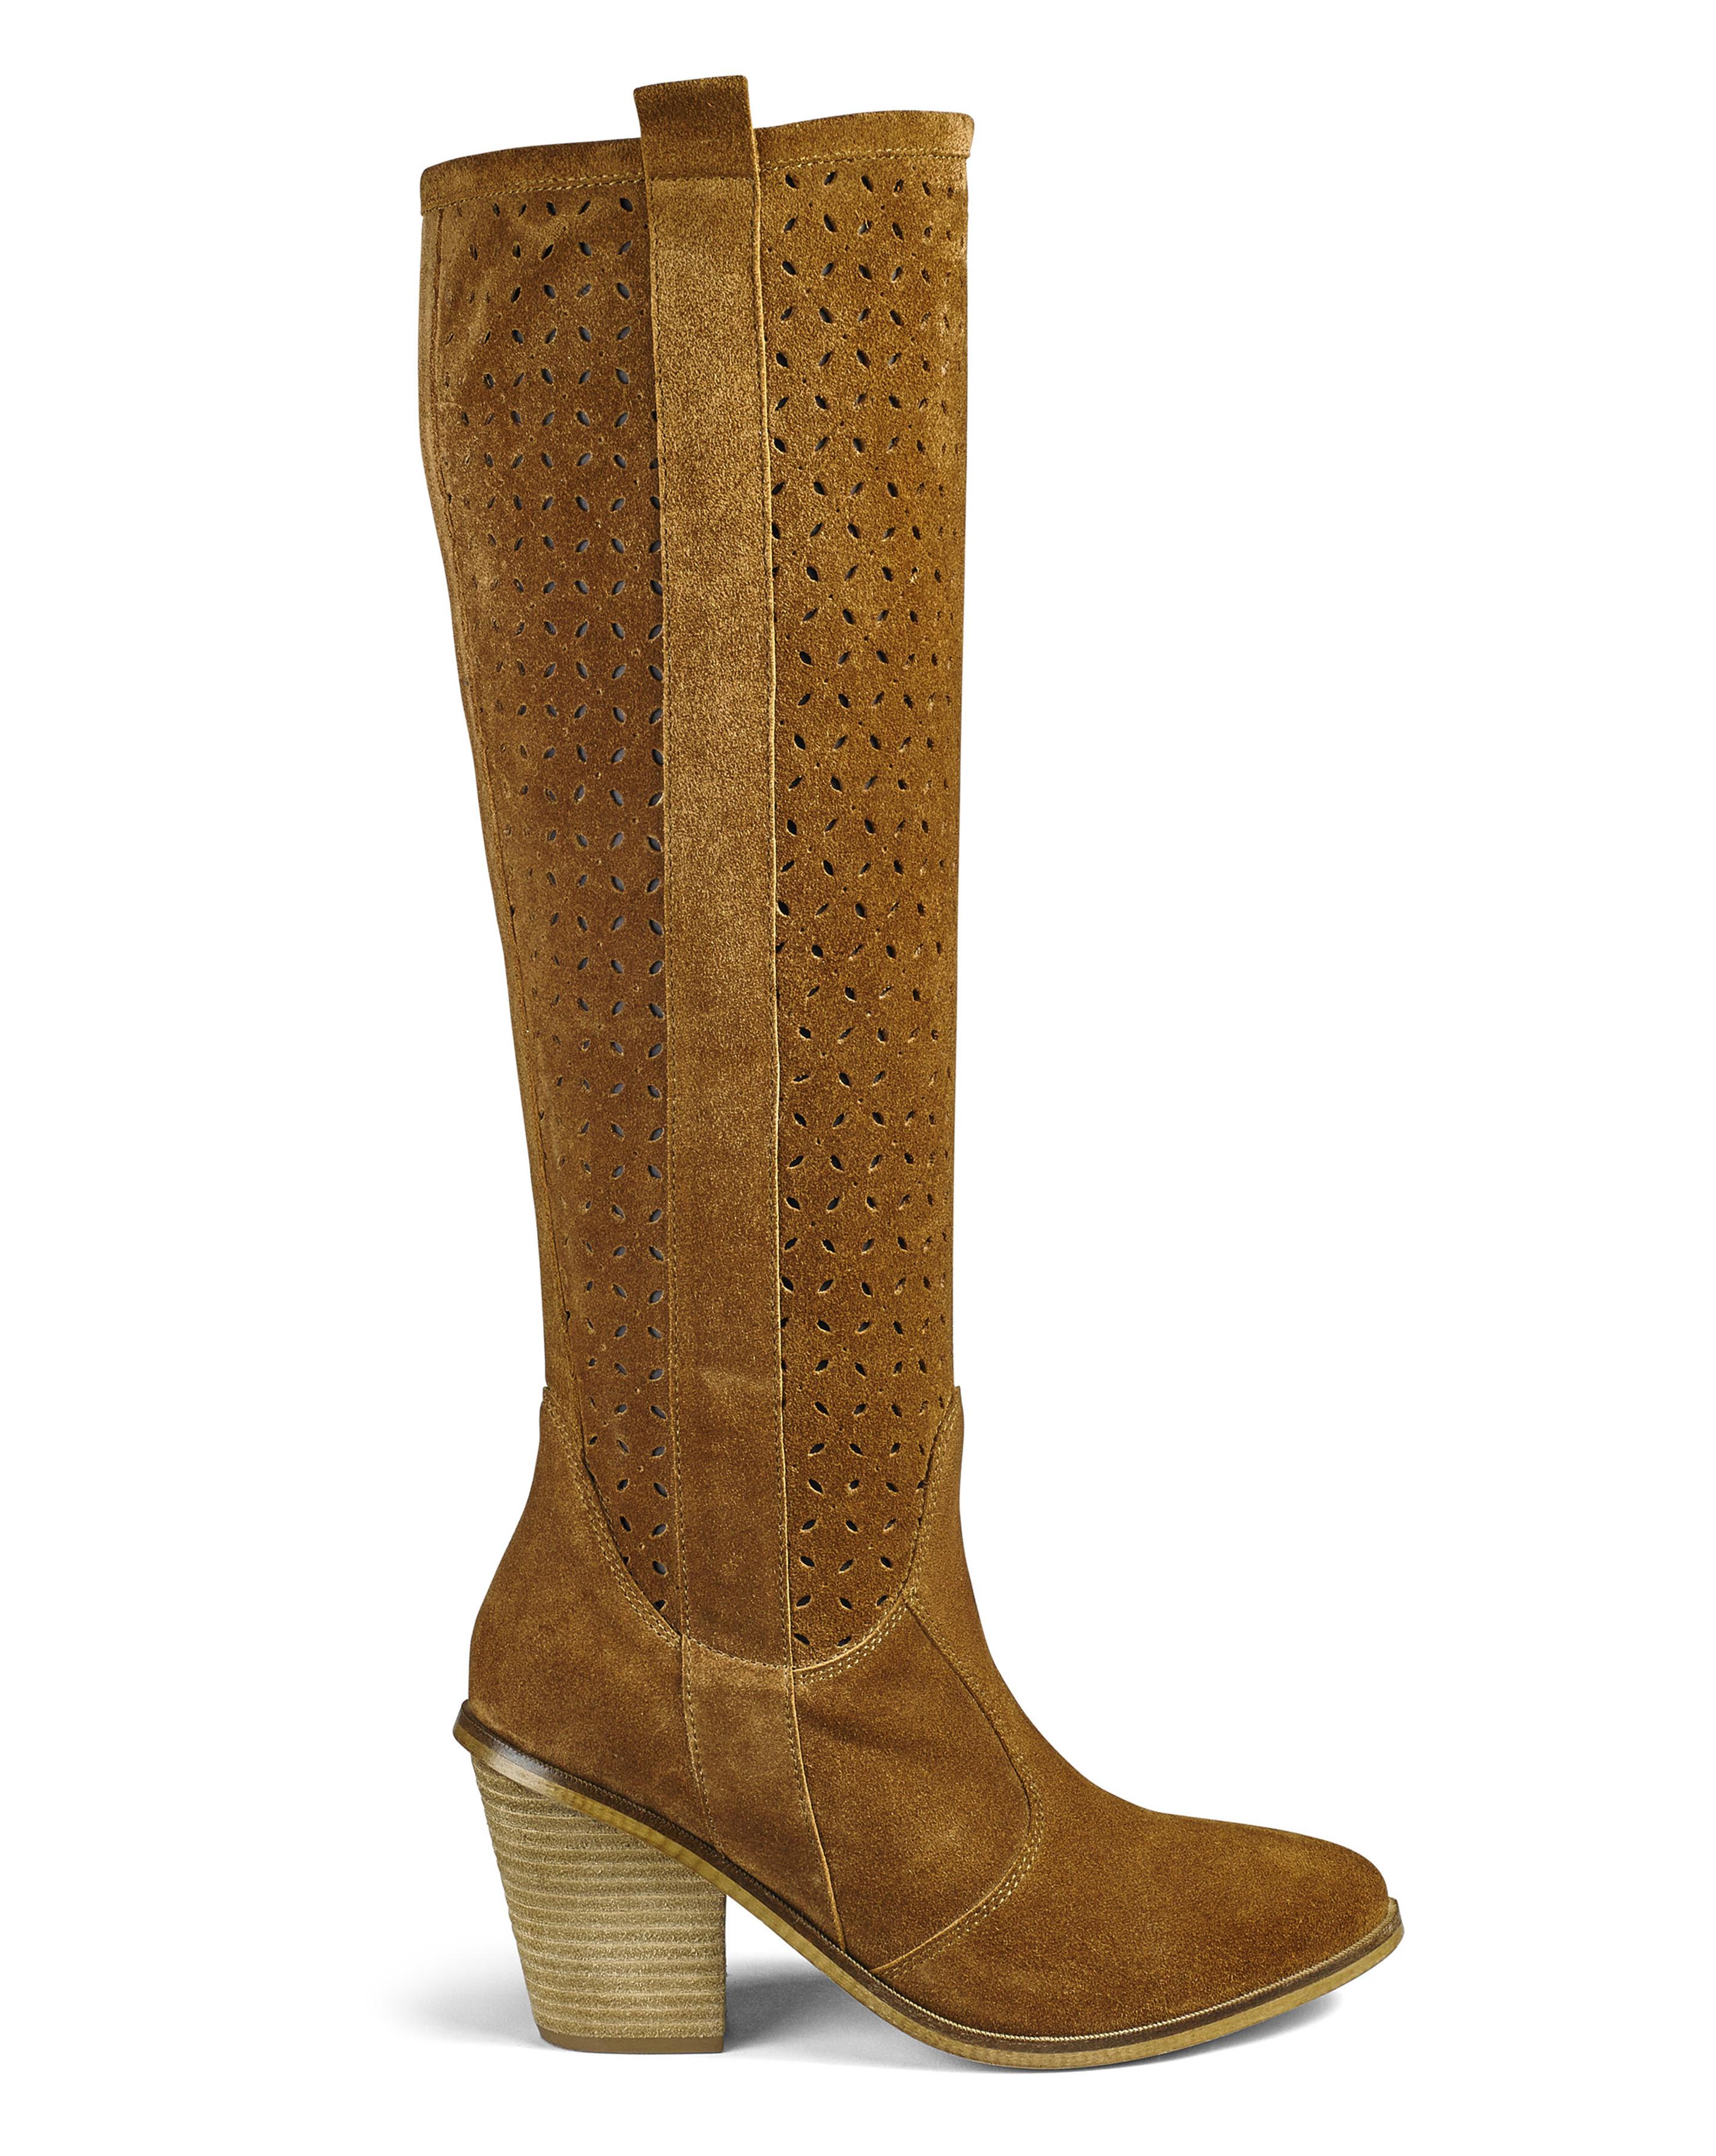 New Damenschuhe Soles Heavenly Soles Damenschuhe Soft Suede Knee High Stiefel b1e2e1